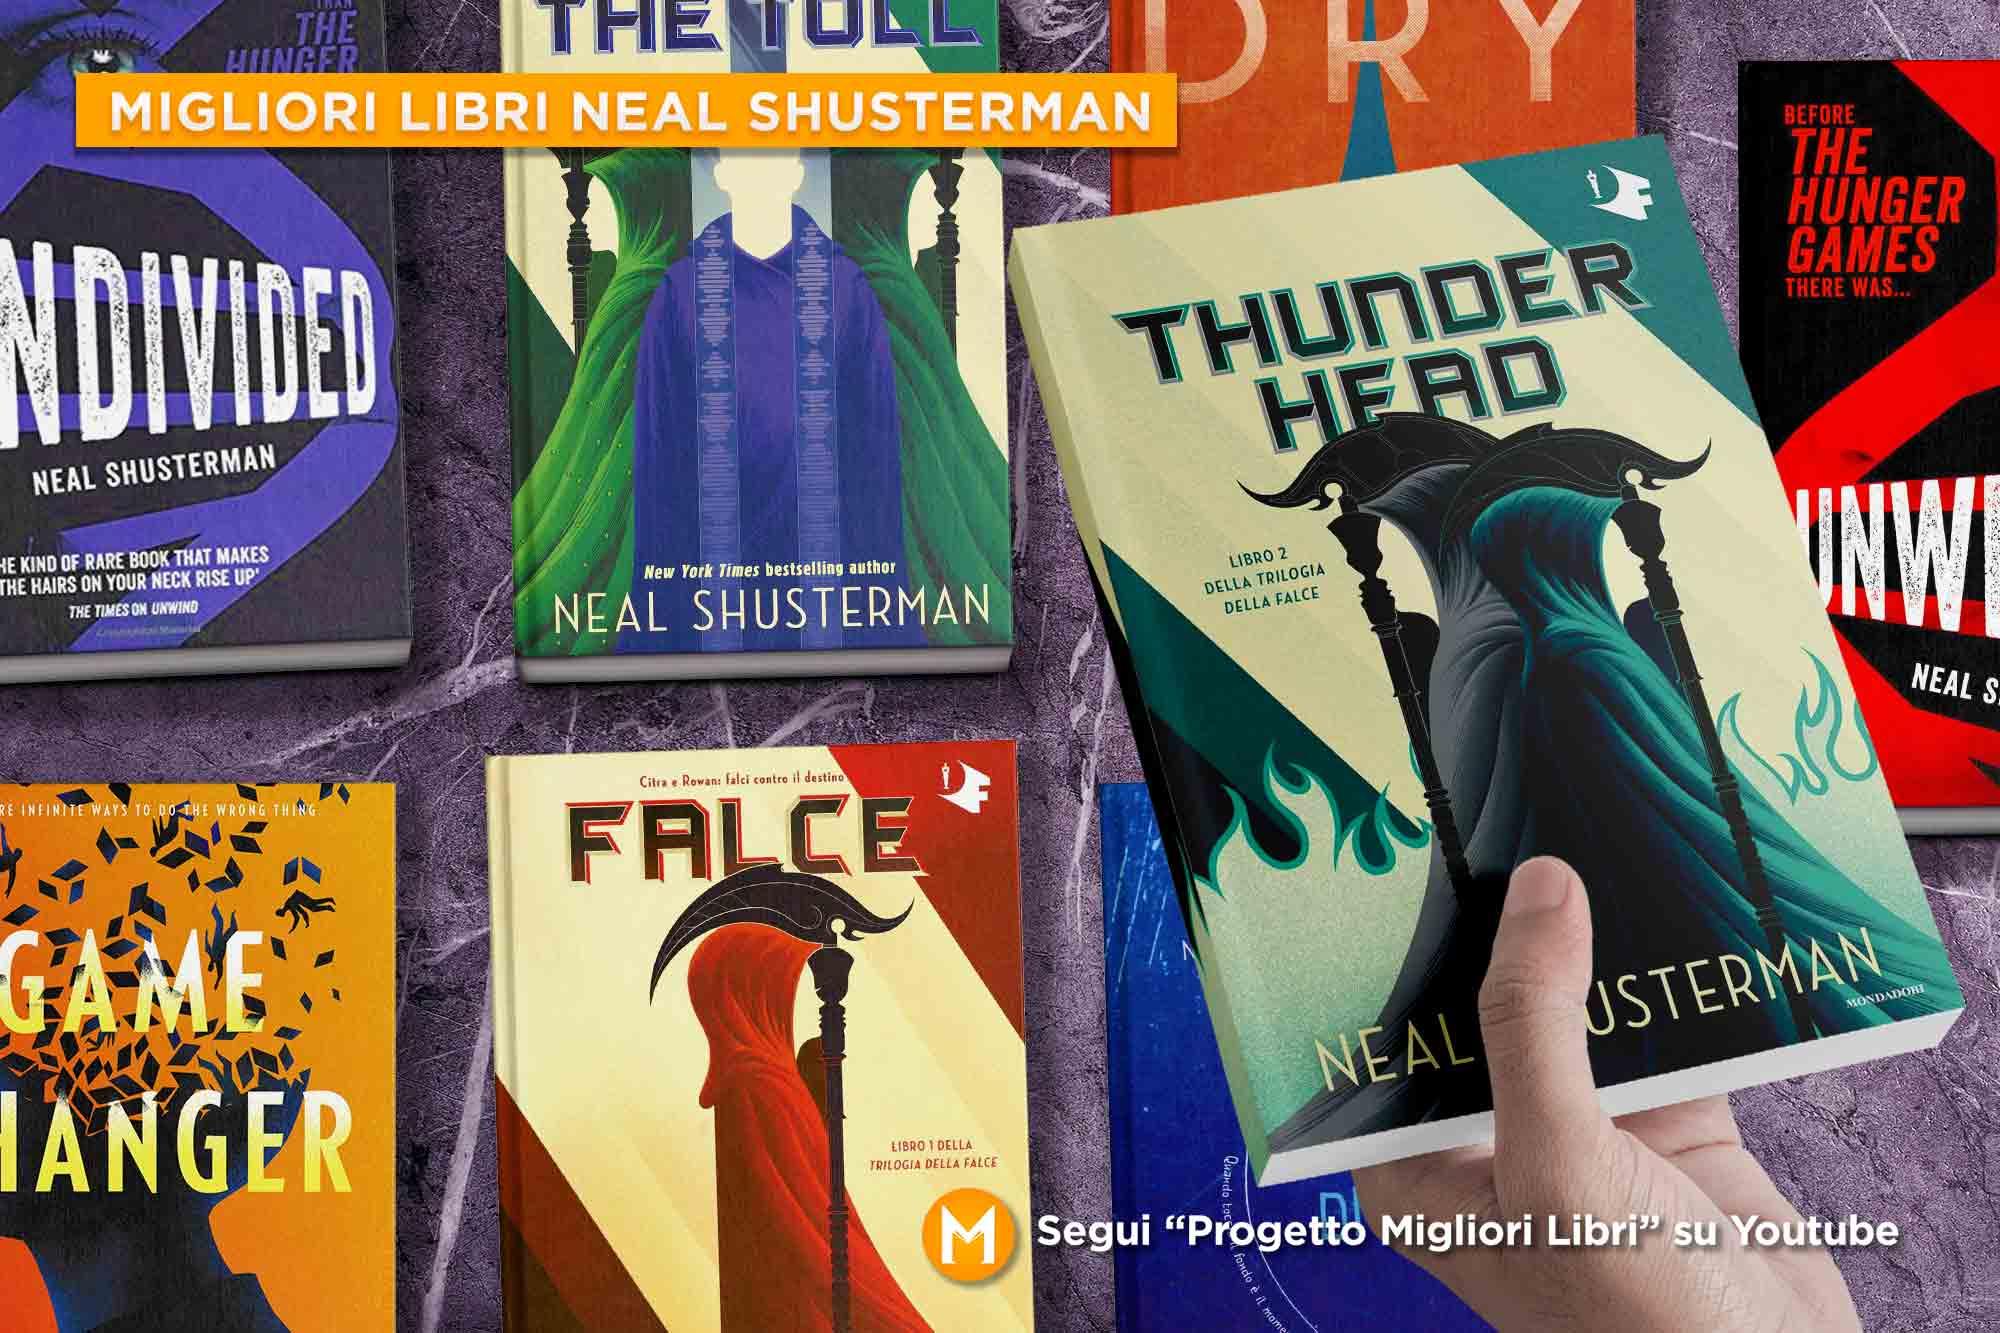 Migliori-Libri-Neal-Shusterman